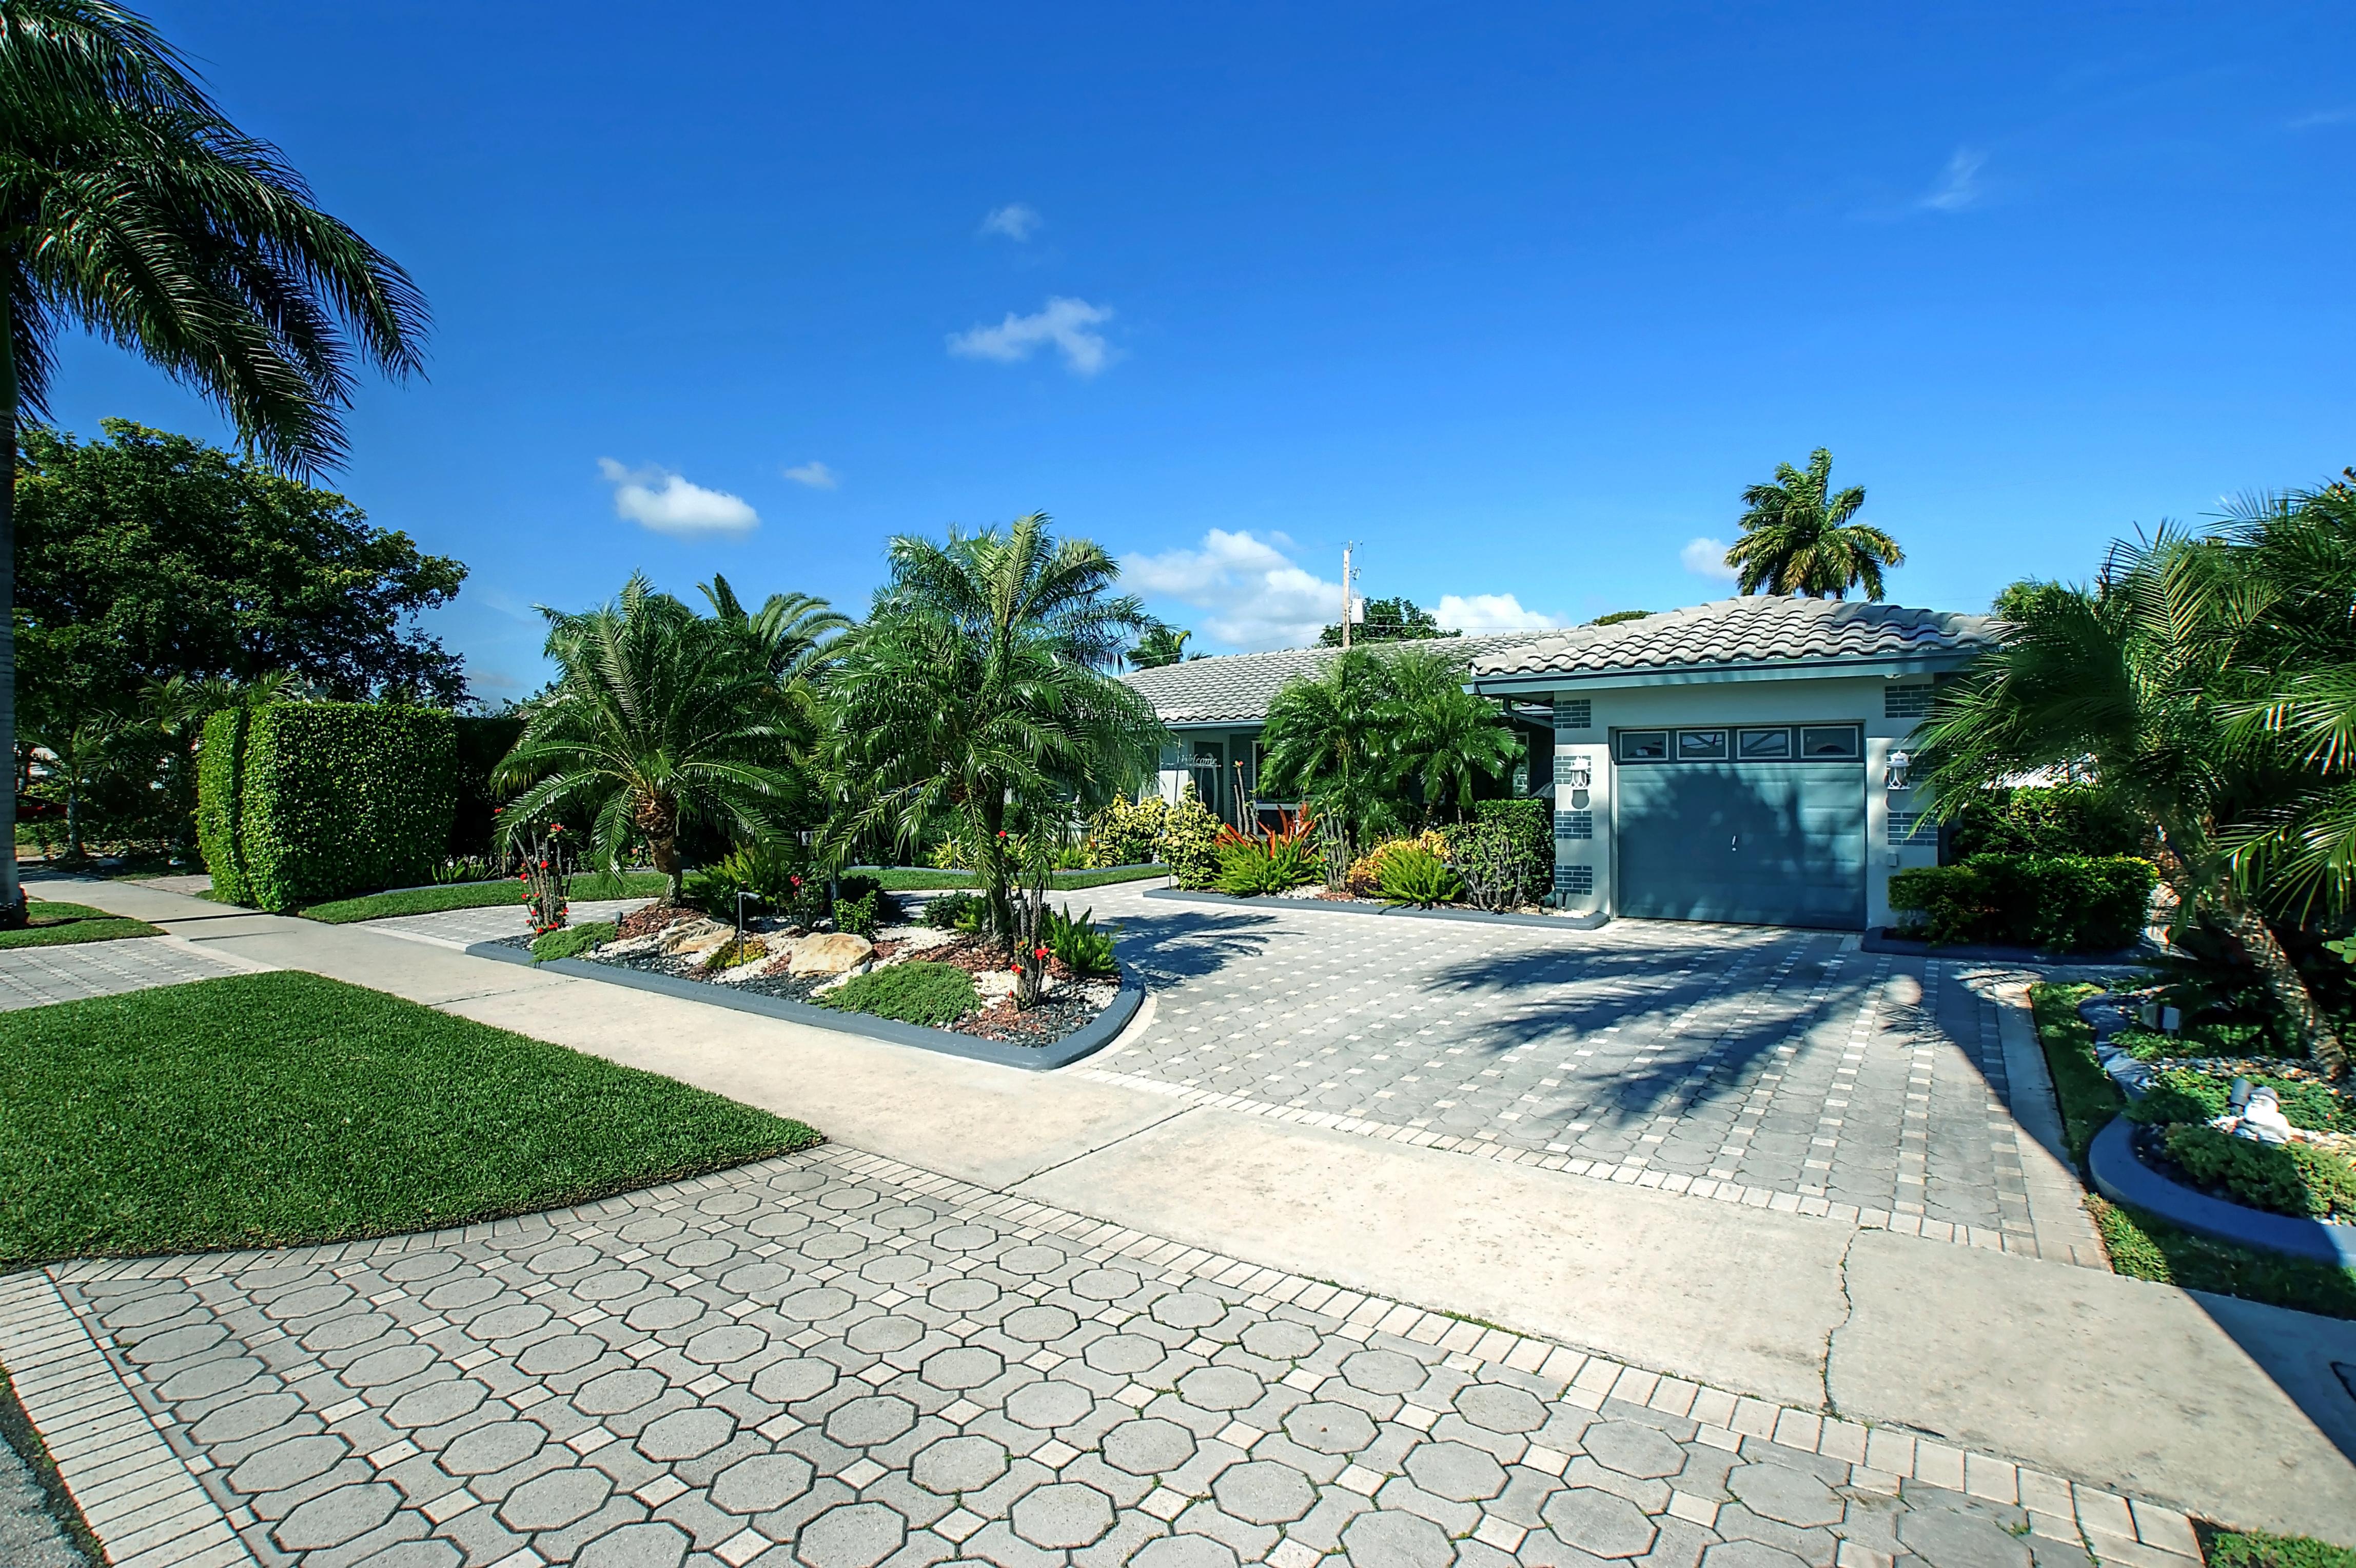 단독 가정 주택 용 매매 에 2141 Ne 64th St Fort Lauderdale, 플로리다, 33308 미국